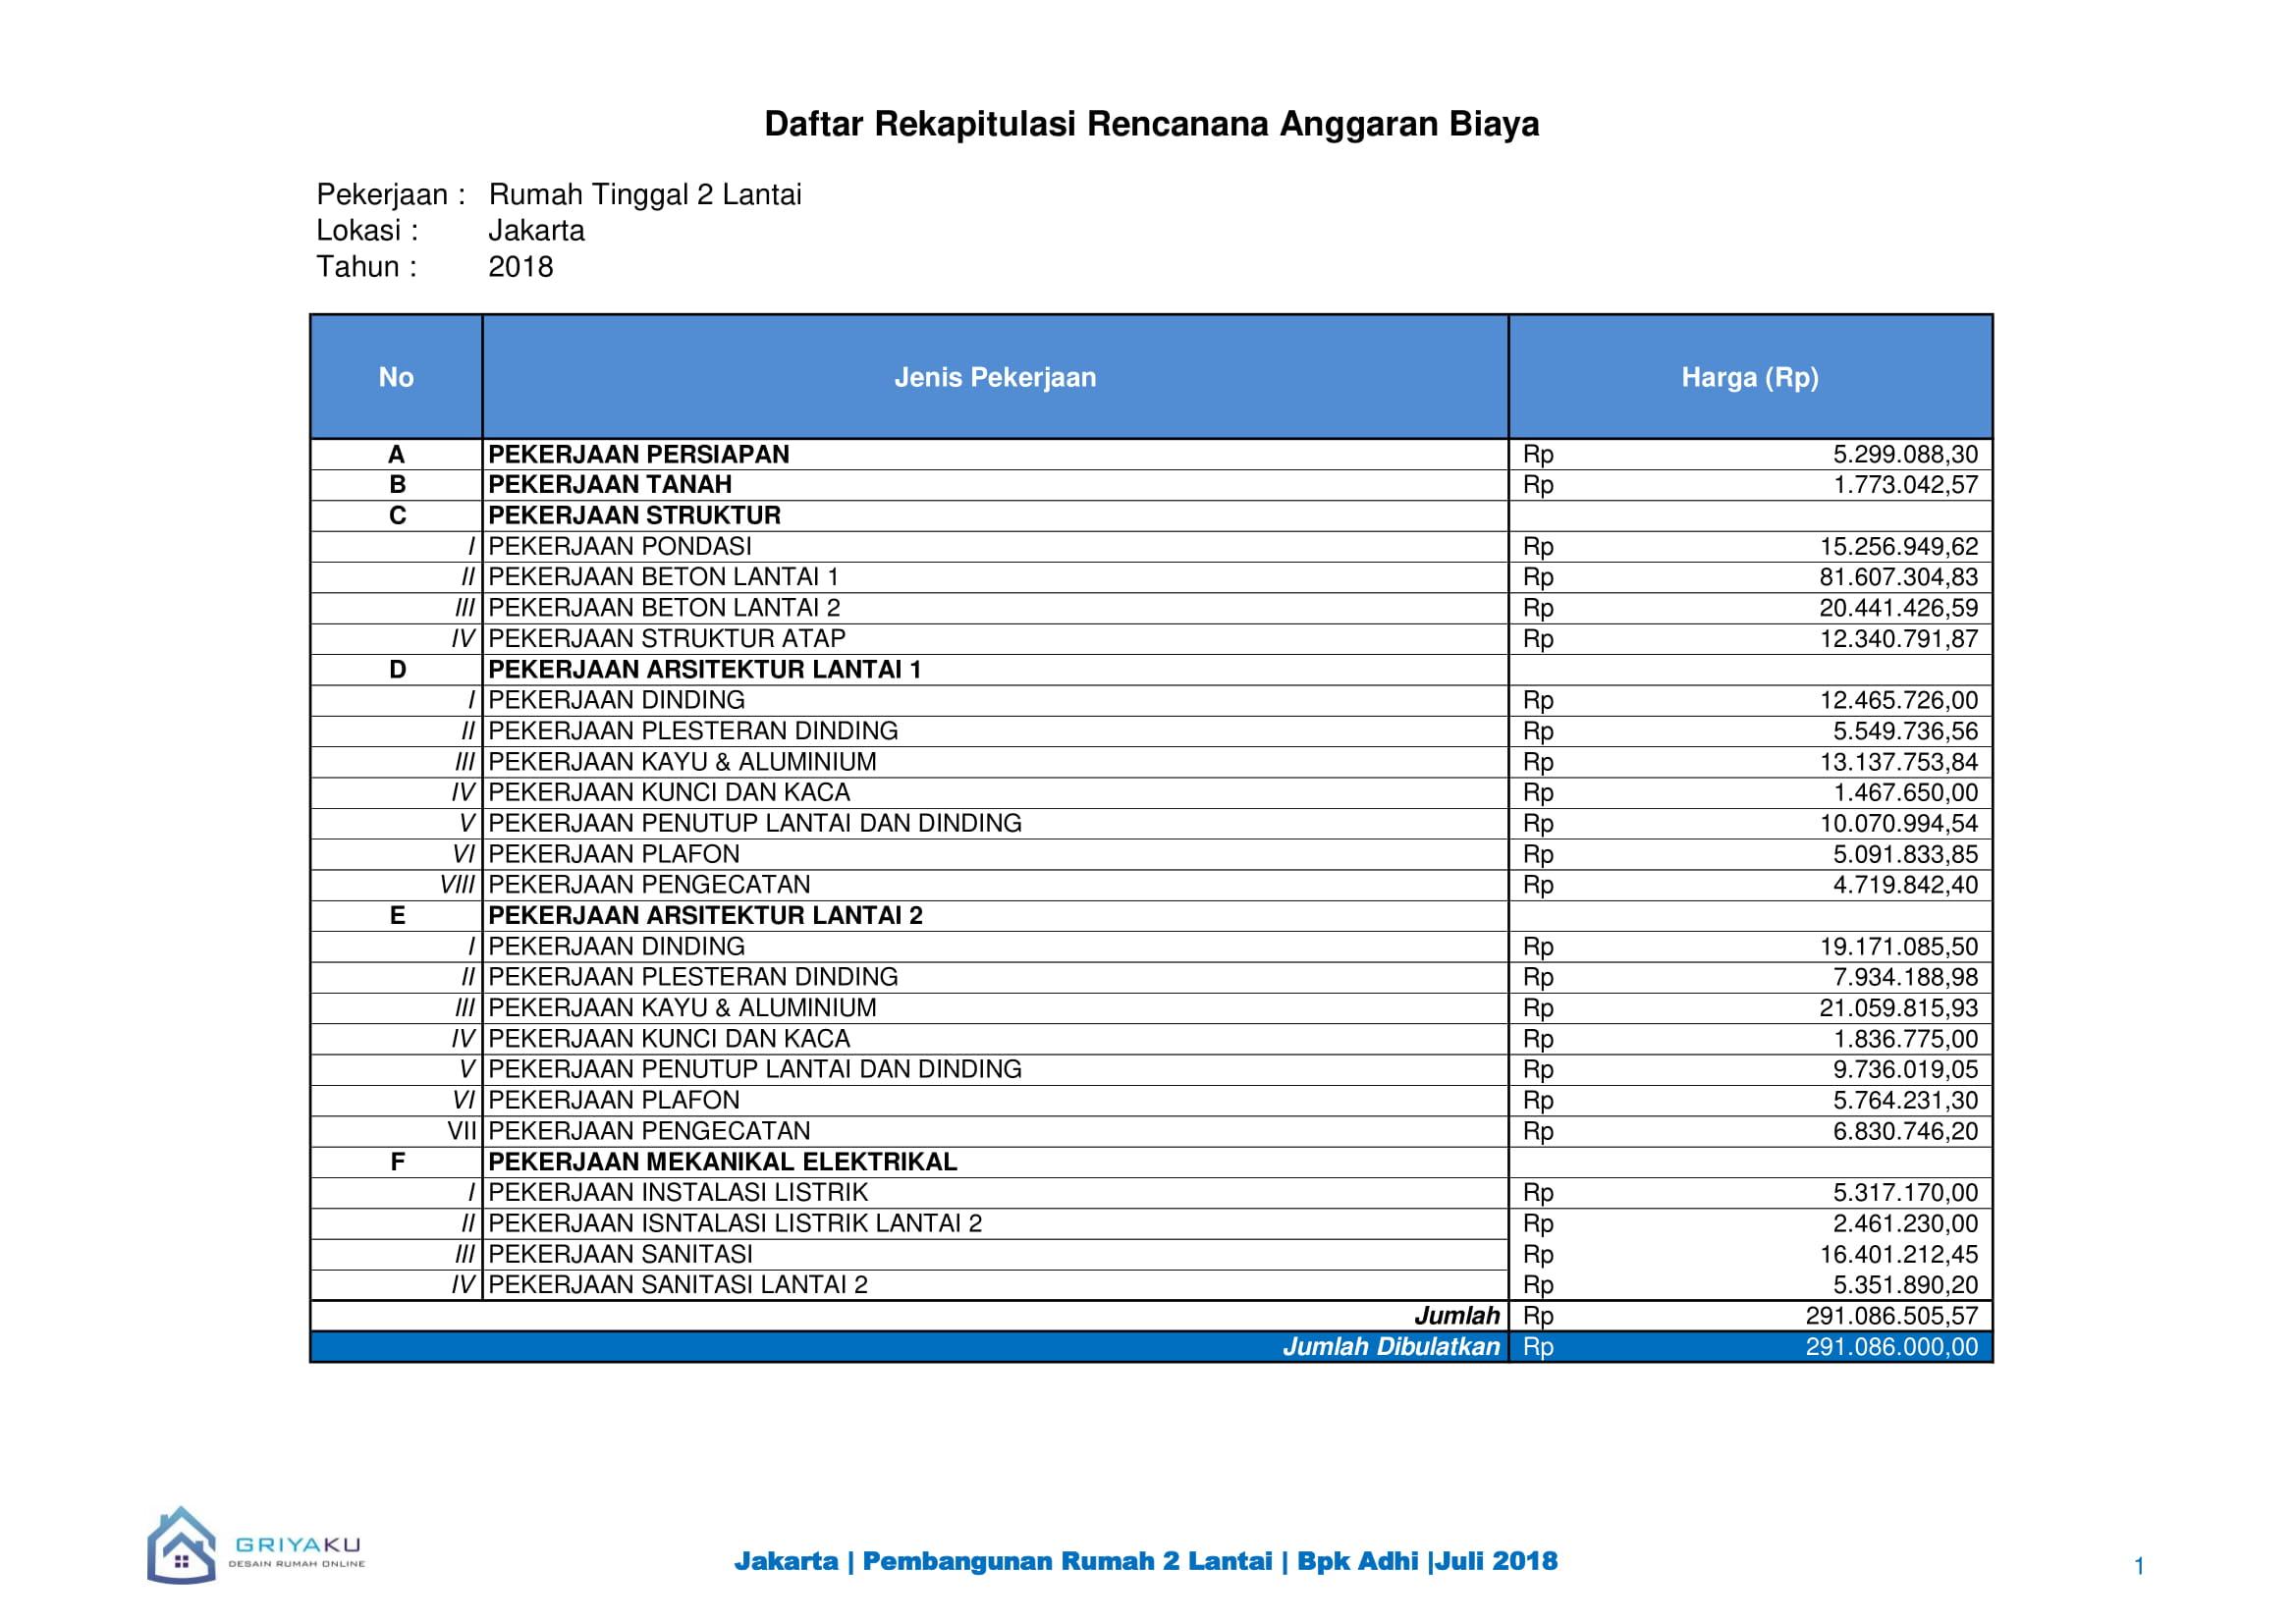 daftar rekapitulasi harga lt2 1 - daftar rekapitulasi harga lt2-1